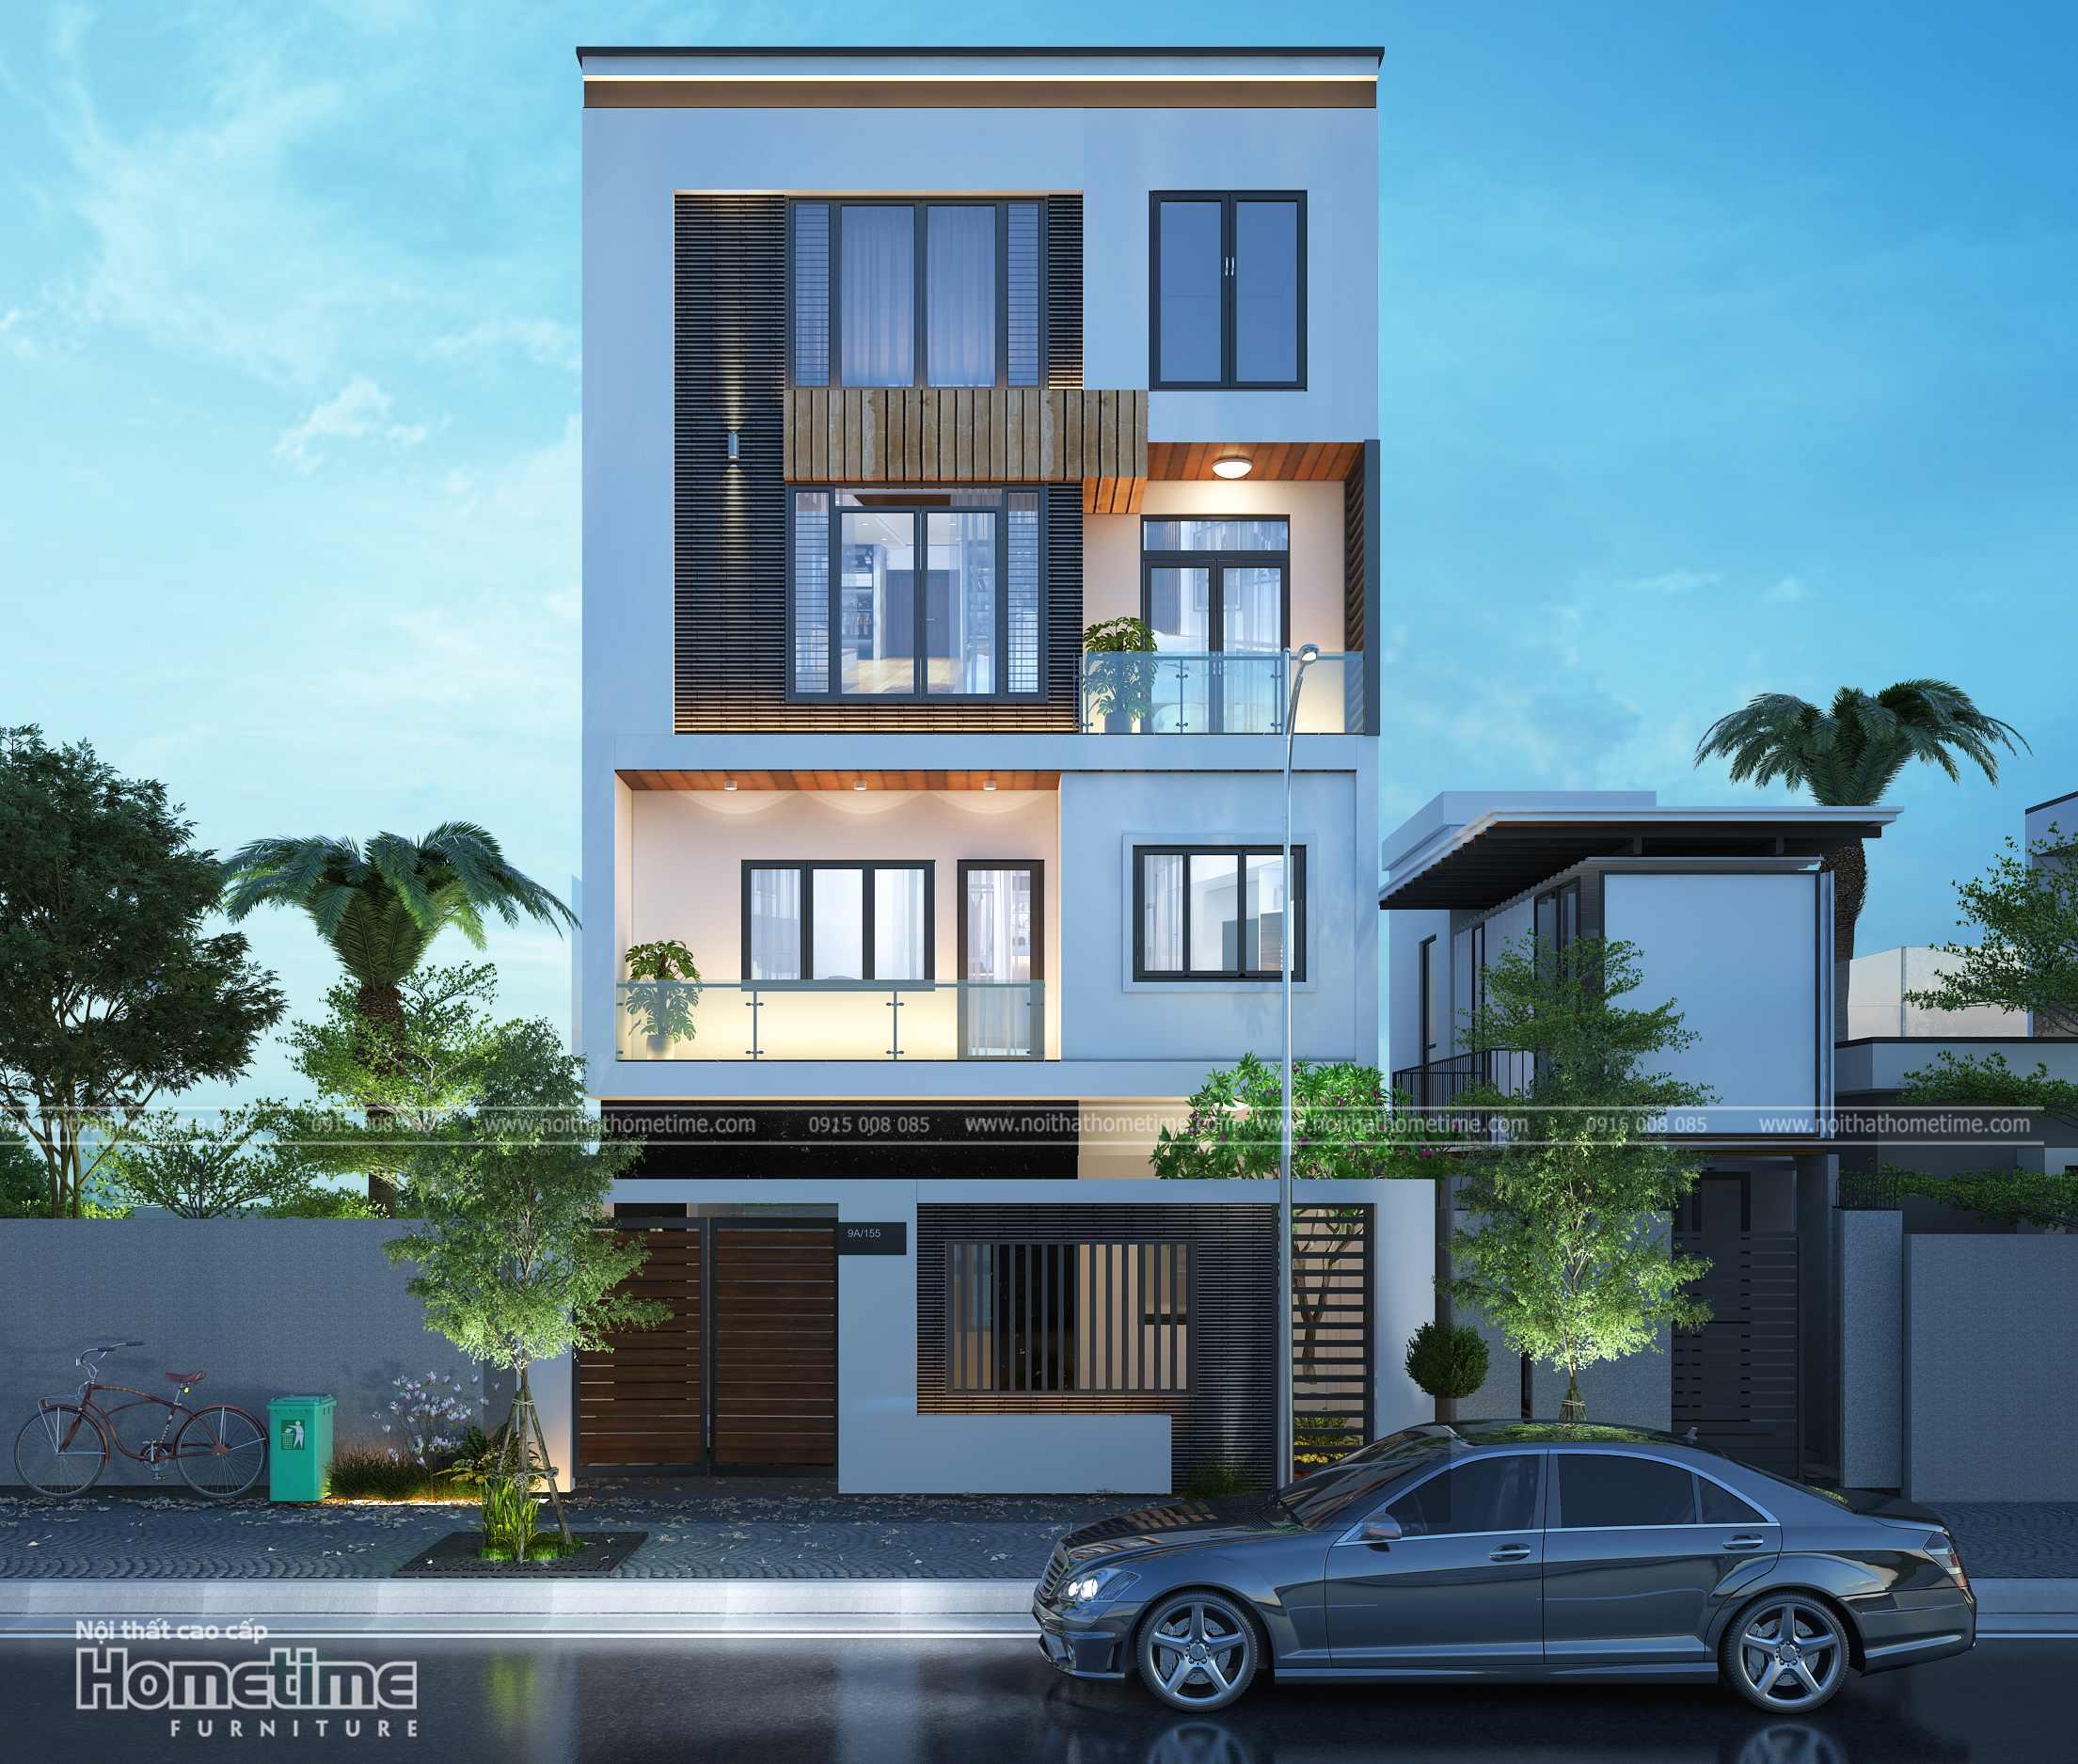 Hình ảnh 3d nhà phố của anh Sơn Phương Lưu Hải Phòng